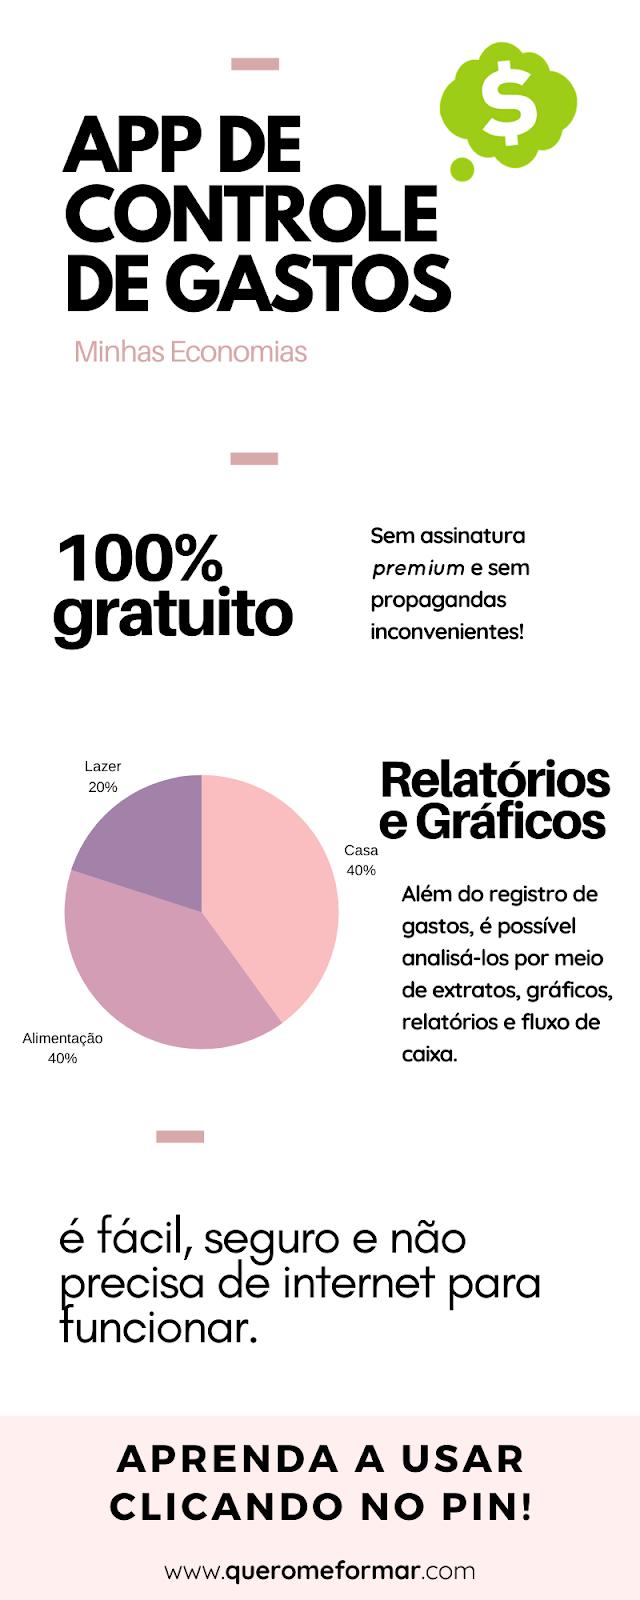 Infográfico Guia Completo — Minhas Economias Aplicativo para Controle de Gastos Pessoais Gratuito